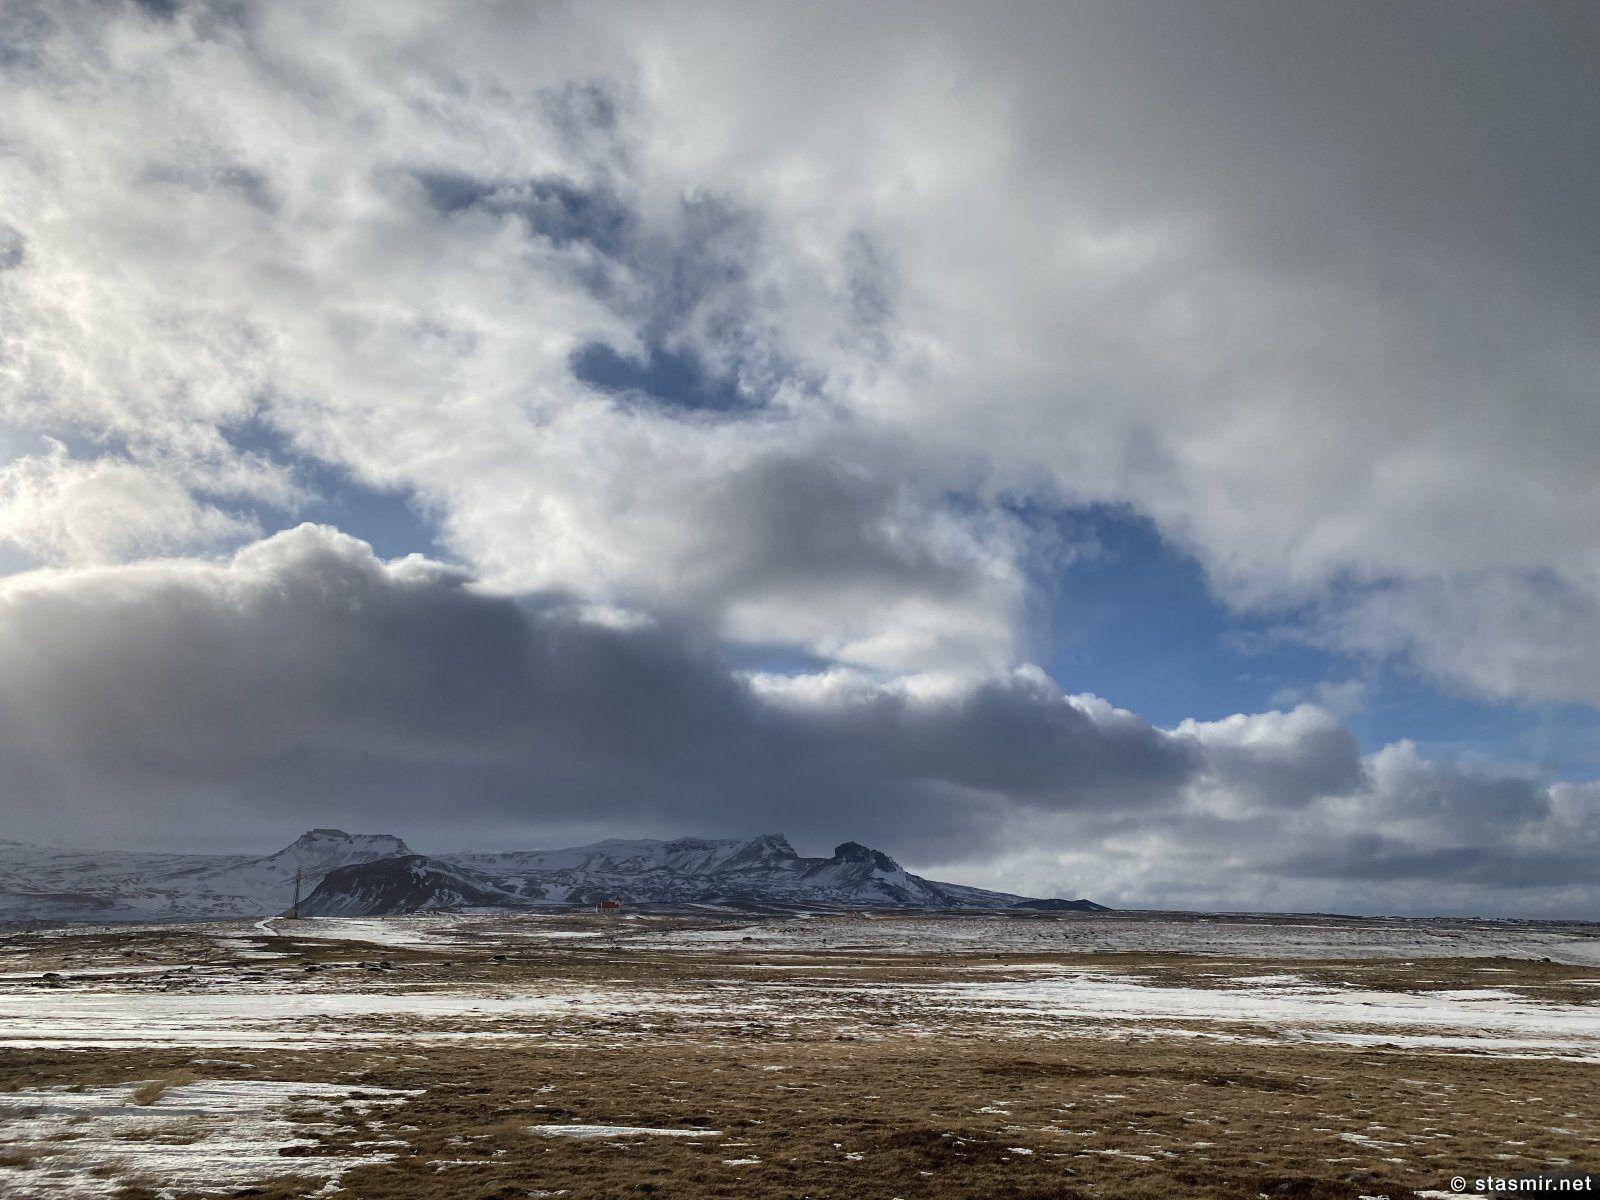 зимние горизонты Исландии, фото Стасмир, Photo Stasmir